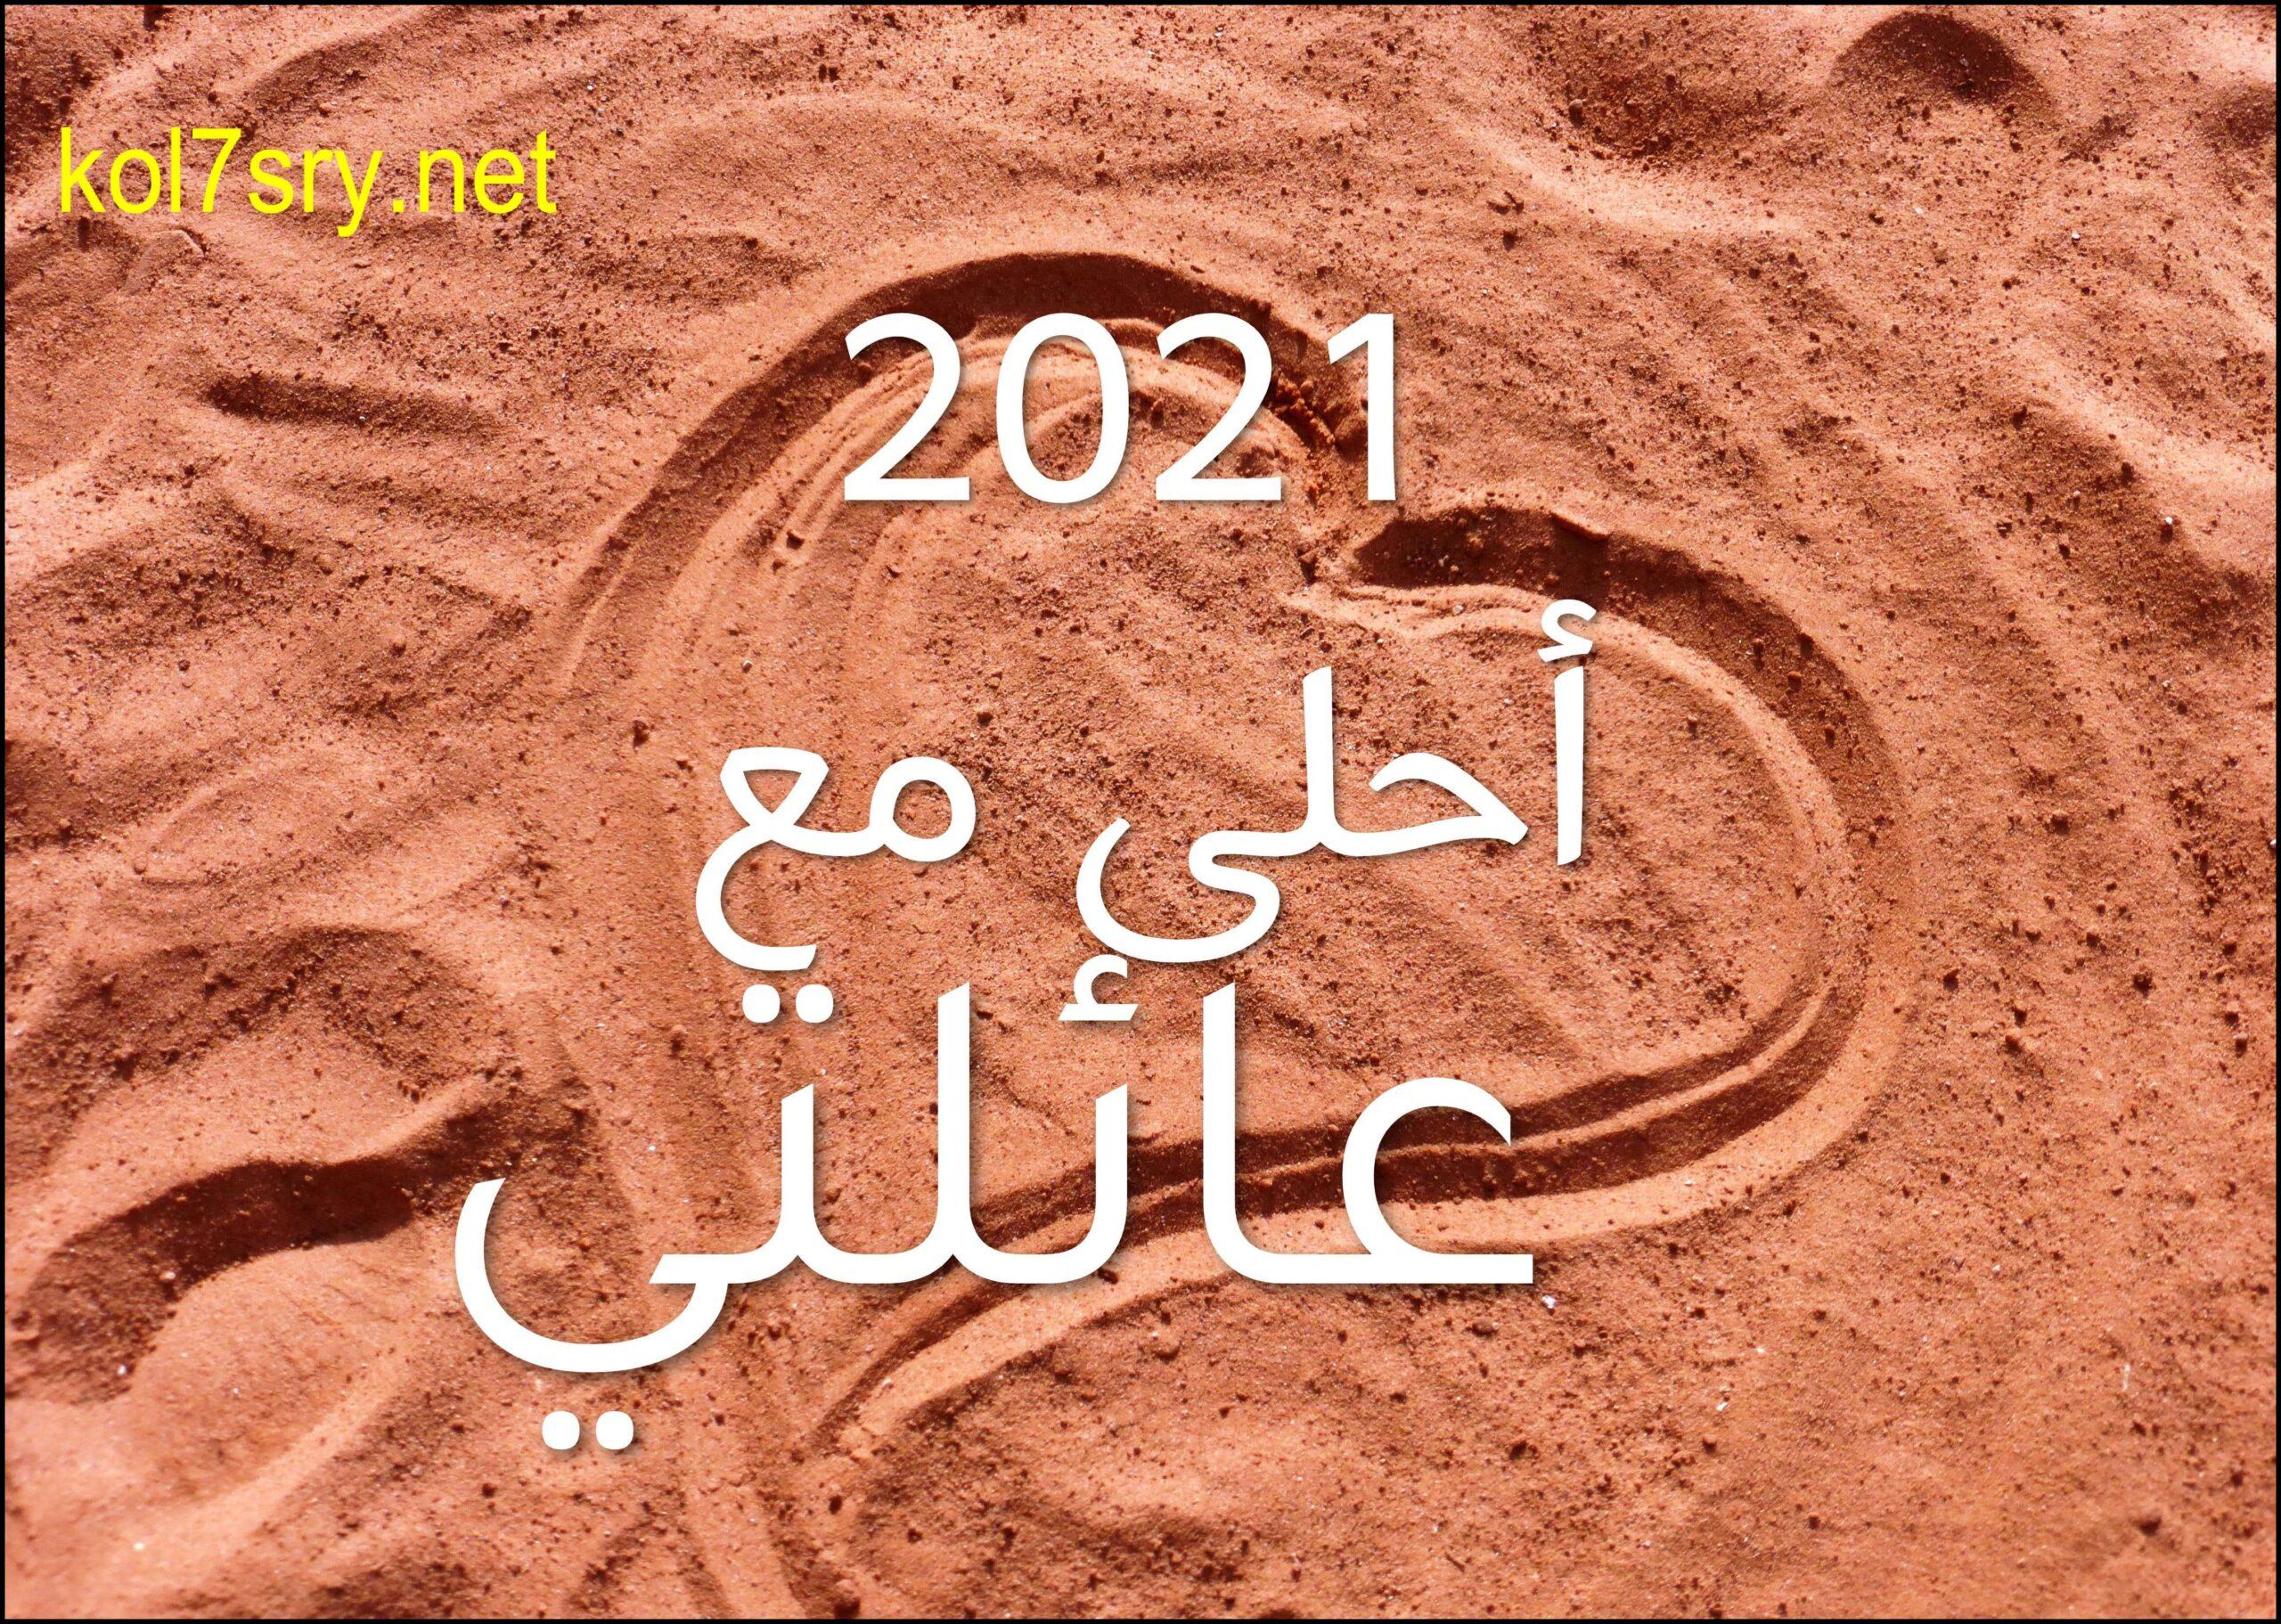 2021 أحلى مع اسمك أجمل 40 صورة HD لعام 2021 احلى مع مجانا اطلب التصميم بالتعليقات 26